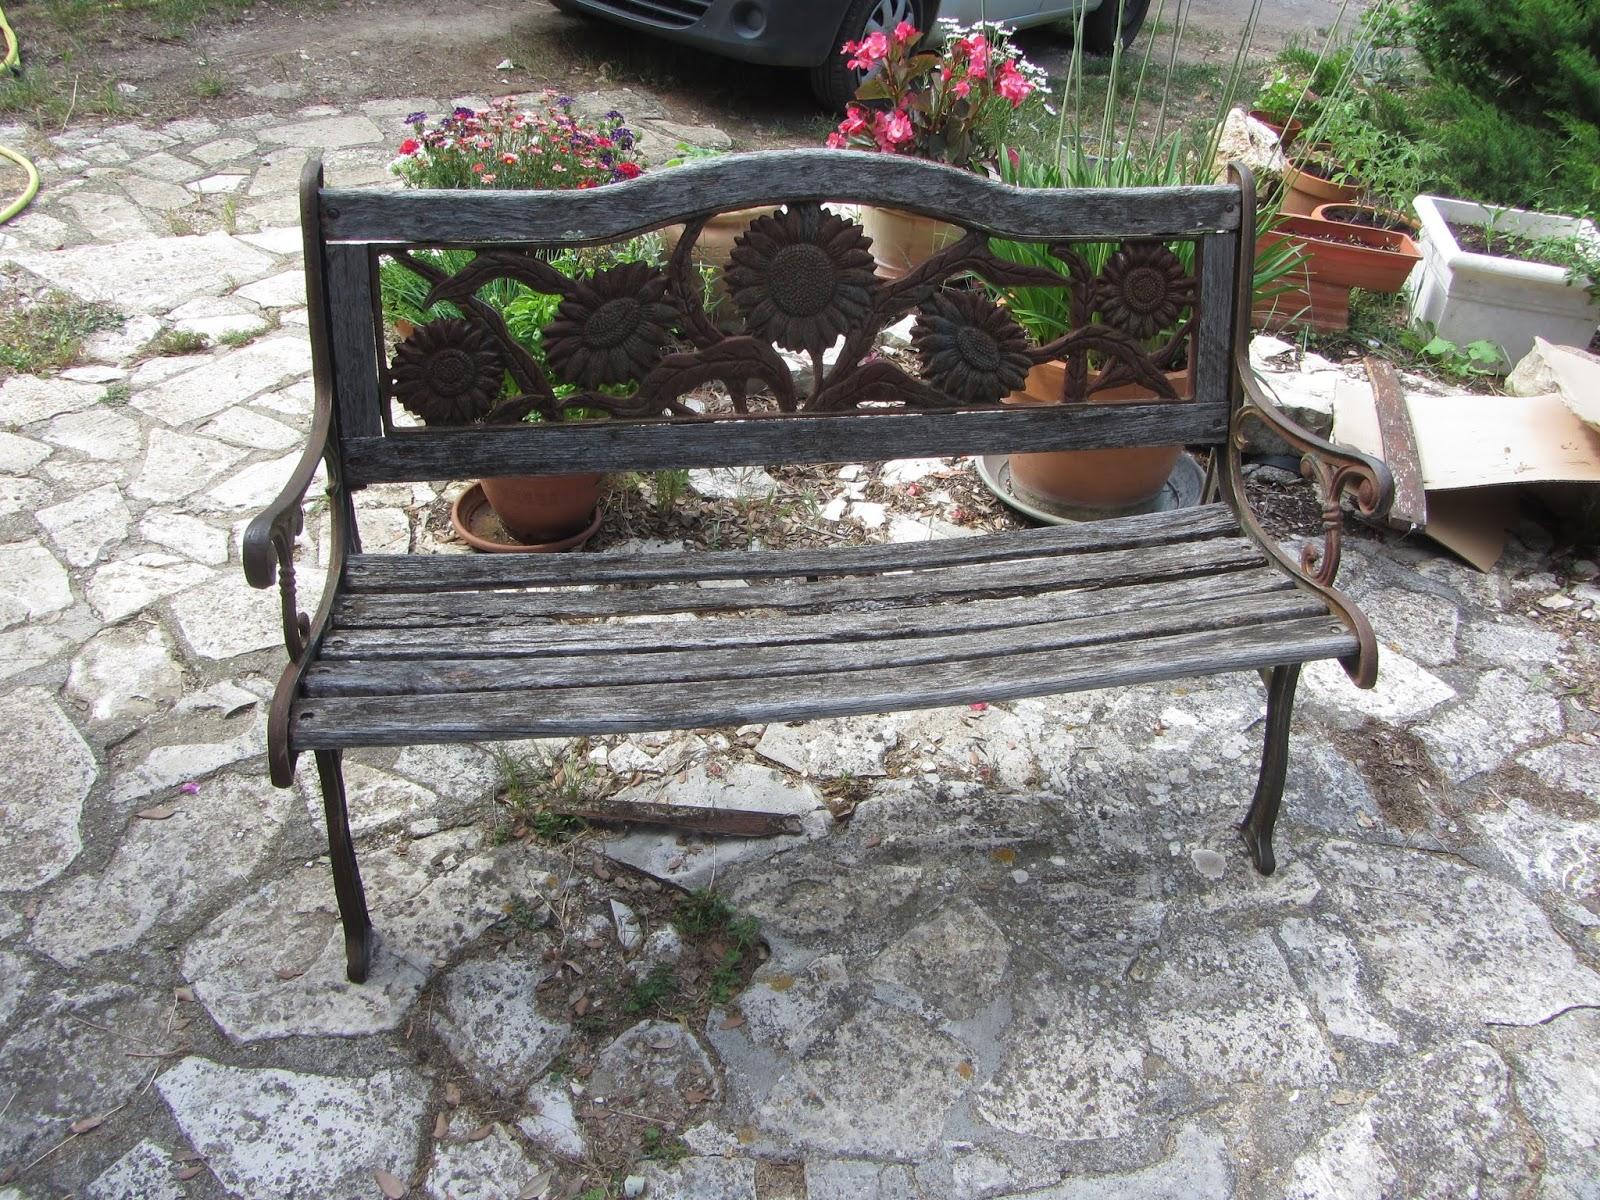 Vieux Banc De Jardin batirsamaison: rÉnovation d'un banc mobilier de jardin